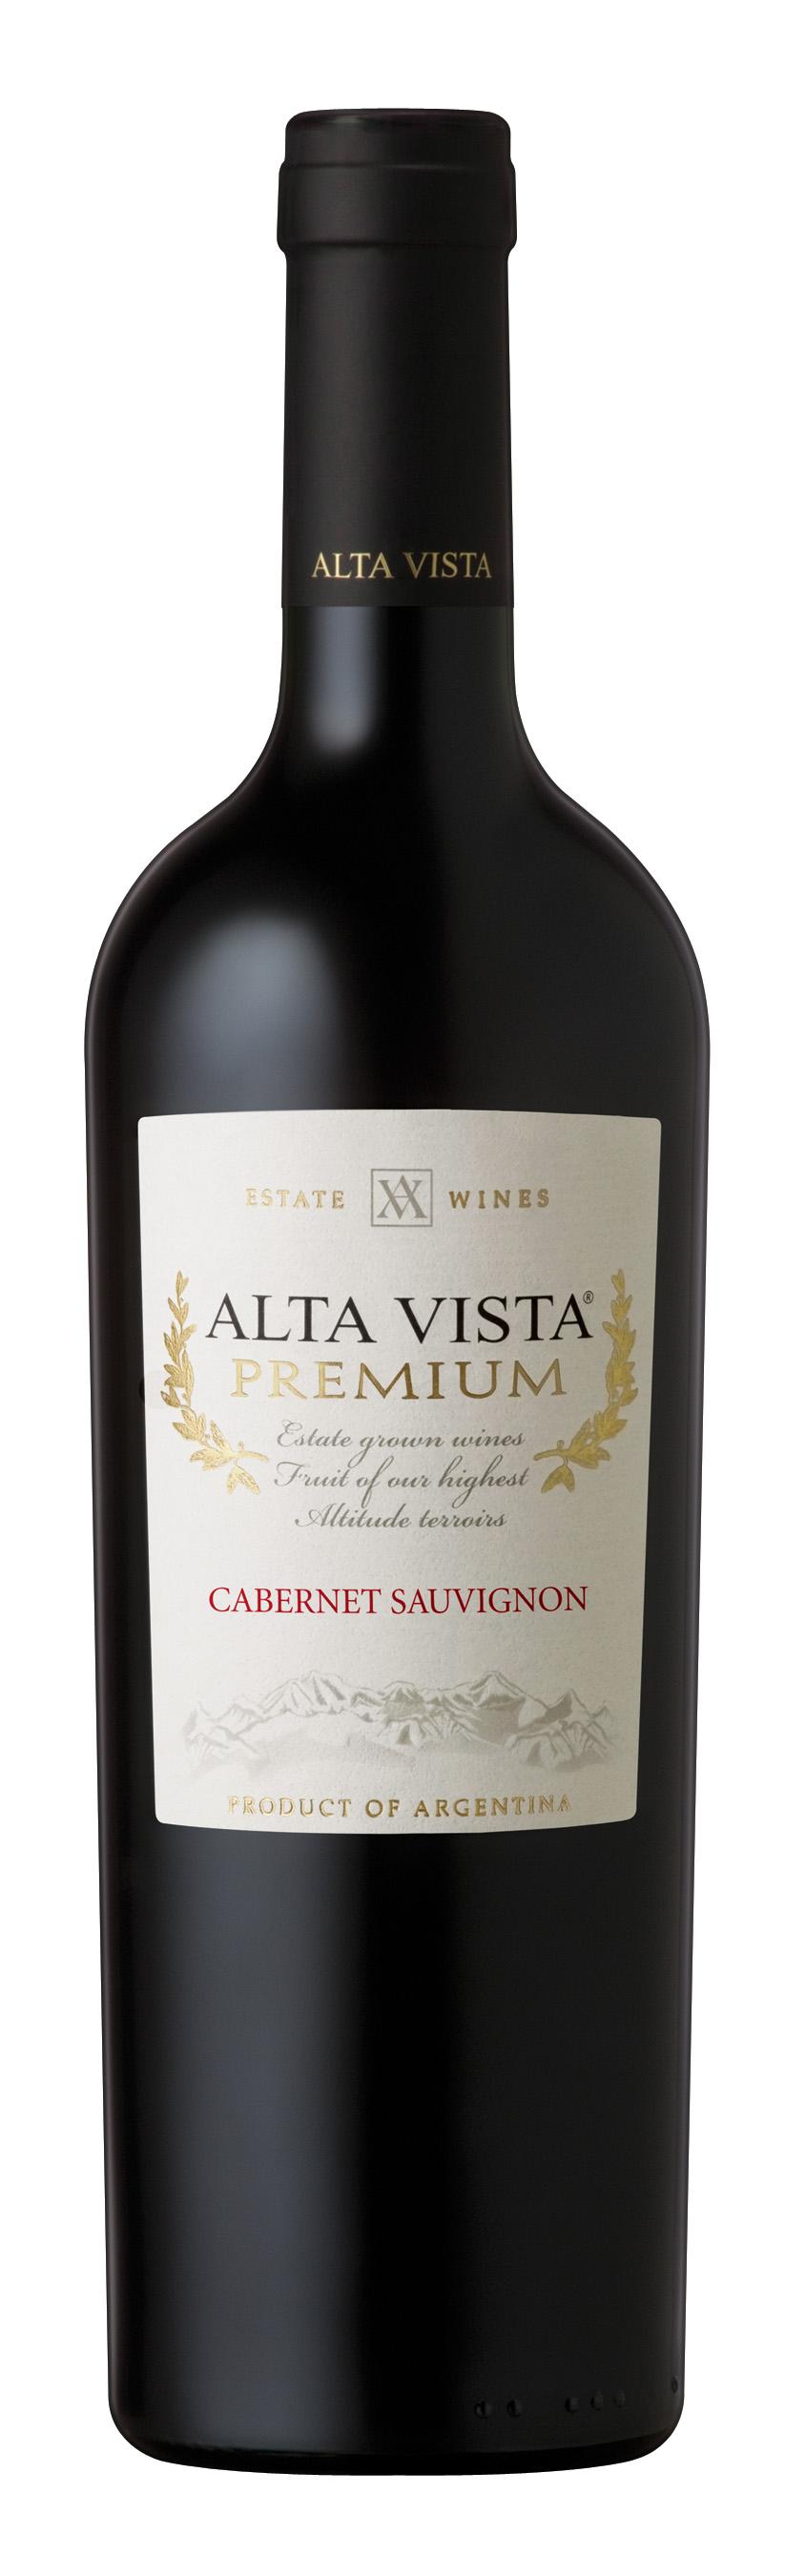 Alta Vista Premium